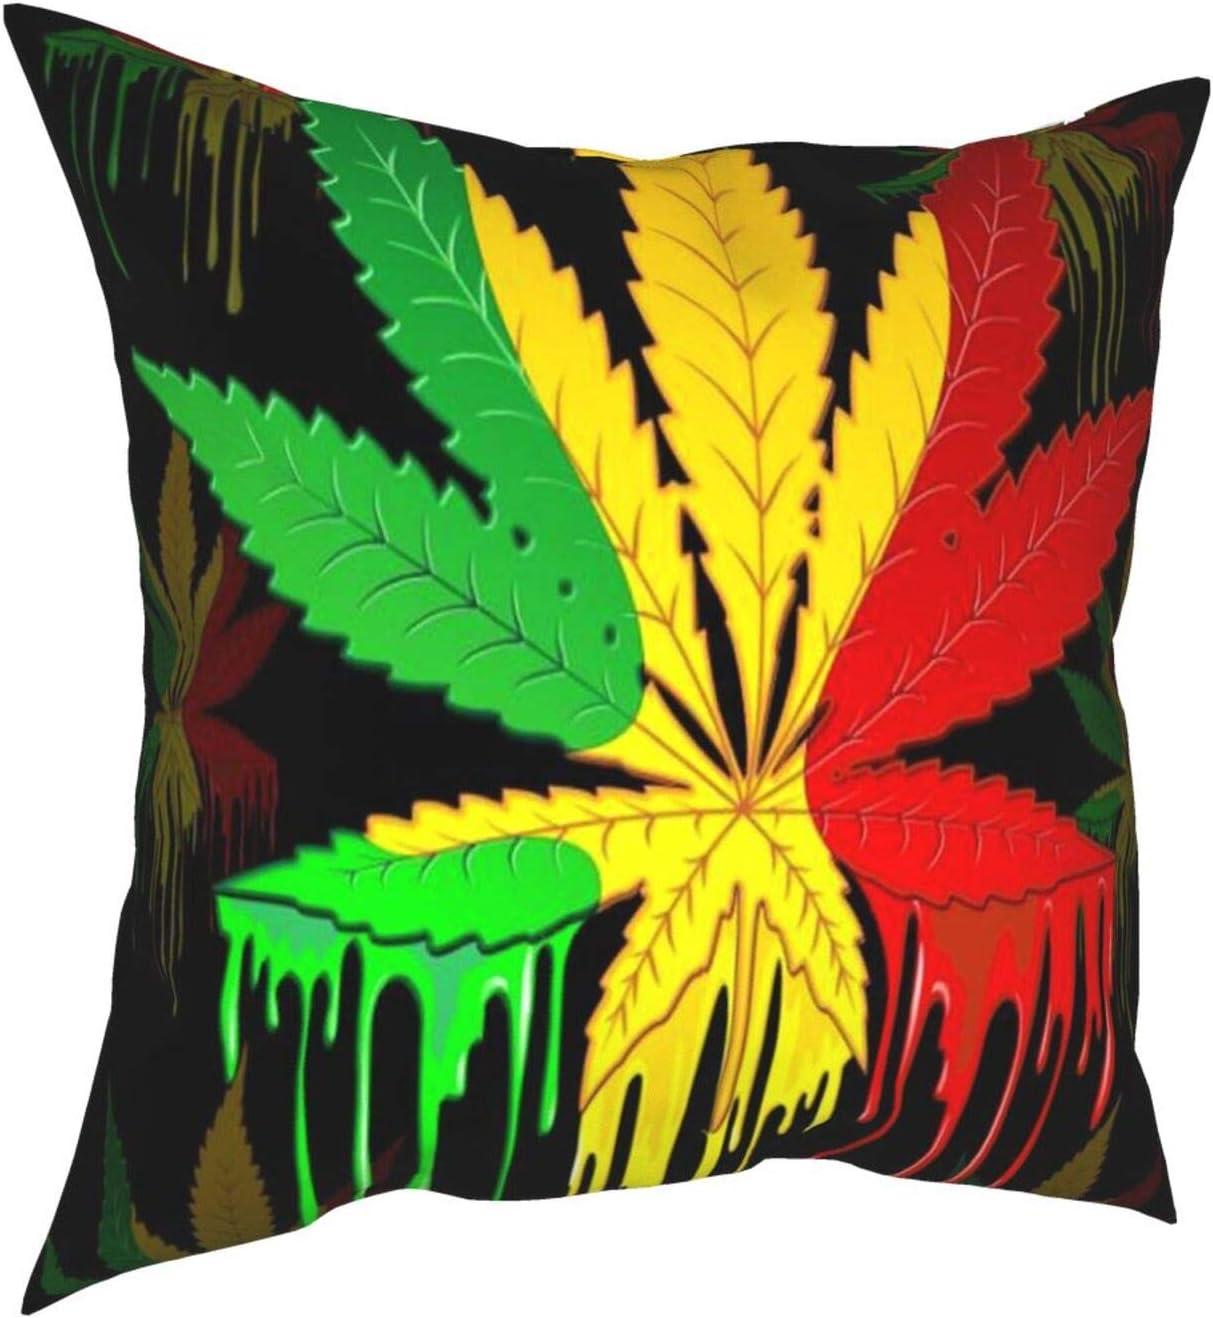 Saatchi Art Artist Marihuana Leaf Rasta Colores Pintura Goteo Decorativa Cuadrada Doble Cara Impresión Funda de Almohada Sofá Fundas de Almohada 45,7 x 45,7 cm